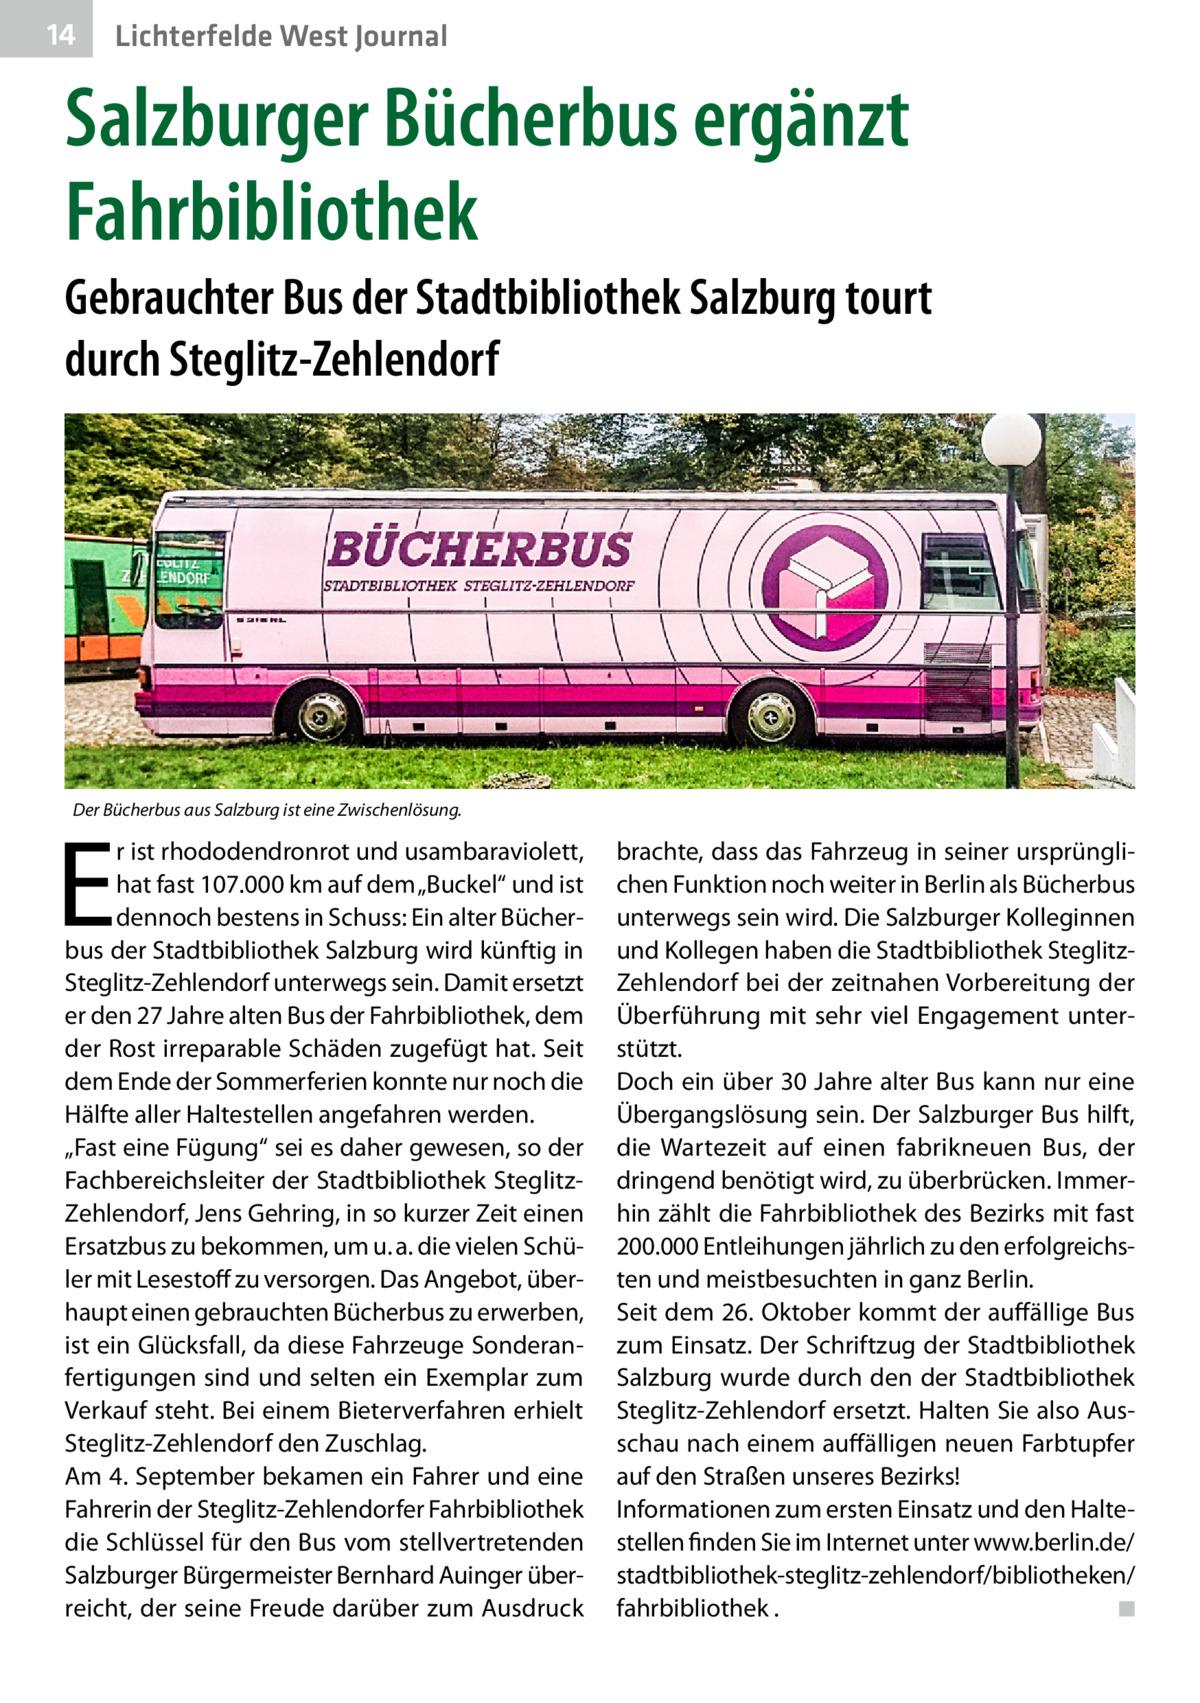 """14  Lichterfelde West Journal  Salzburger Bücherbus ergänzt Fahrbibliothek Gebrauchter Bus der Stadtbibliothek Salzburg tourt durch Steglitz-Zehlendorf  Der Bücherbus aus Salzburg ist eine Zwischenlösung.  E  r ist rhododendronrot und usambaraviolett, hat fast 107.000km auf dem """"Buckel"""" und ist dennoch bestens in Schuss: Ein alter Bücherbus der Stadtbibliothek Salzburg wird künftig in Steglitz-Zehlendorf unterwegs sein. Damit ersetzt er den 27Jahre alten Bus der Fahrbibliothek, dem der Rost irreparable Schäden zugefügt hat. Seit dem Ende der Sommerferien konnte nur noch die Hälfte aller Haltestellen angefahren werden. """"Fast eine Fügung"""" sei es daher gewesen, so der Fachbereichsleiter der Stadtbibliothek SteglitzZehlendorf, Jens Gehring, in so kurzer Zeit einen Ersatzbus zu bekommen, um u.a. die vielen Schüler mit Lesestoff zu versorgen. Das Angebot, überhaupt einen gebrauchten Bücherbus zu erwerben, ist ein Glücksfall, da diese Fahrzeuge Sonderanfertigungen sind und selten ein Exemplar zum Verkauf steht. Bei einem Bieterverfahren erhielt Steglitz-Zehlendorf den Zuschlag. Am 4.September bekamen ein Fahrer und eine Fahrerin der Steglitz-Zehlendorfer Fahrbibliothek die Schlüssel für den Bus vom stellvertretenden Salzburger Bürgermeister Bernhard Auinger überreicht, der seine Freude darüber zum Ausdruck  brachte, dass das Fahrzeug in seiner ursprünglichen Funktion noch weiter in Berlin als Bücherbus unterwegs sein wird. Die Salzburger Kolleginnen und Kollegen haben die Stadtbibliothek SteglitzZehlendorf bei der zeitnahen Vorbereitung der Überführung mit sehr viel Engagement unterstützt. Doch ein über 30Jahre alter Bus kann nur eine Übergangslösung sein. Der Salzburger Bus hilft, die Wartezeit auf einen fabrikneuen Bus, der dringend benötigt wird, zu überbrücken. Immerhin zählt die Fahrbibliothek des Bezirks mit fast 200.000 Entleihungen jährlich zu den erfolgreichsten und meistbesuchten in ganz Berlin. Seit dem 26.Oktober kommt der auffällige Bus zum Einsatz. Der Schrif"""